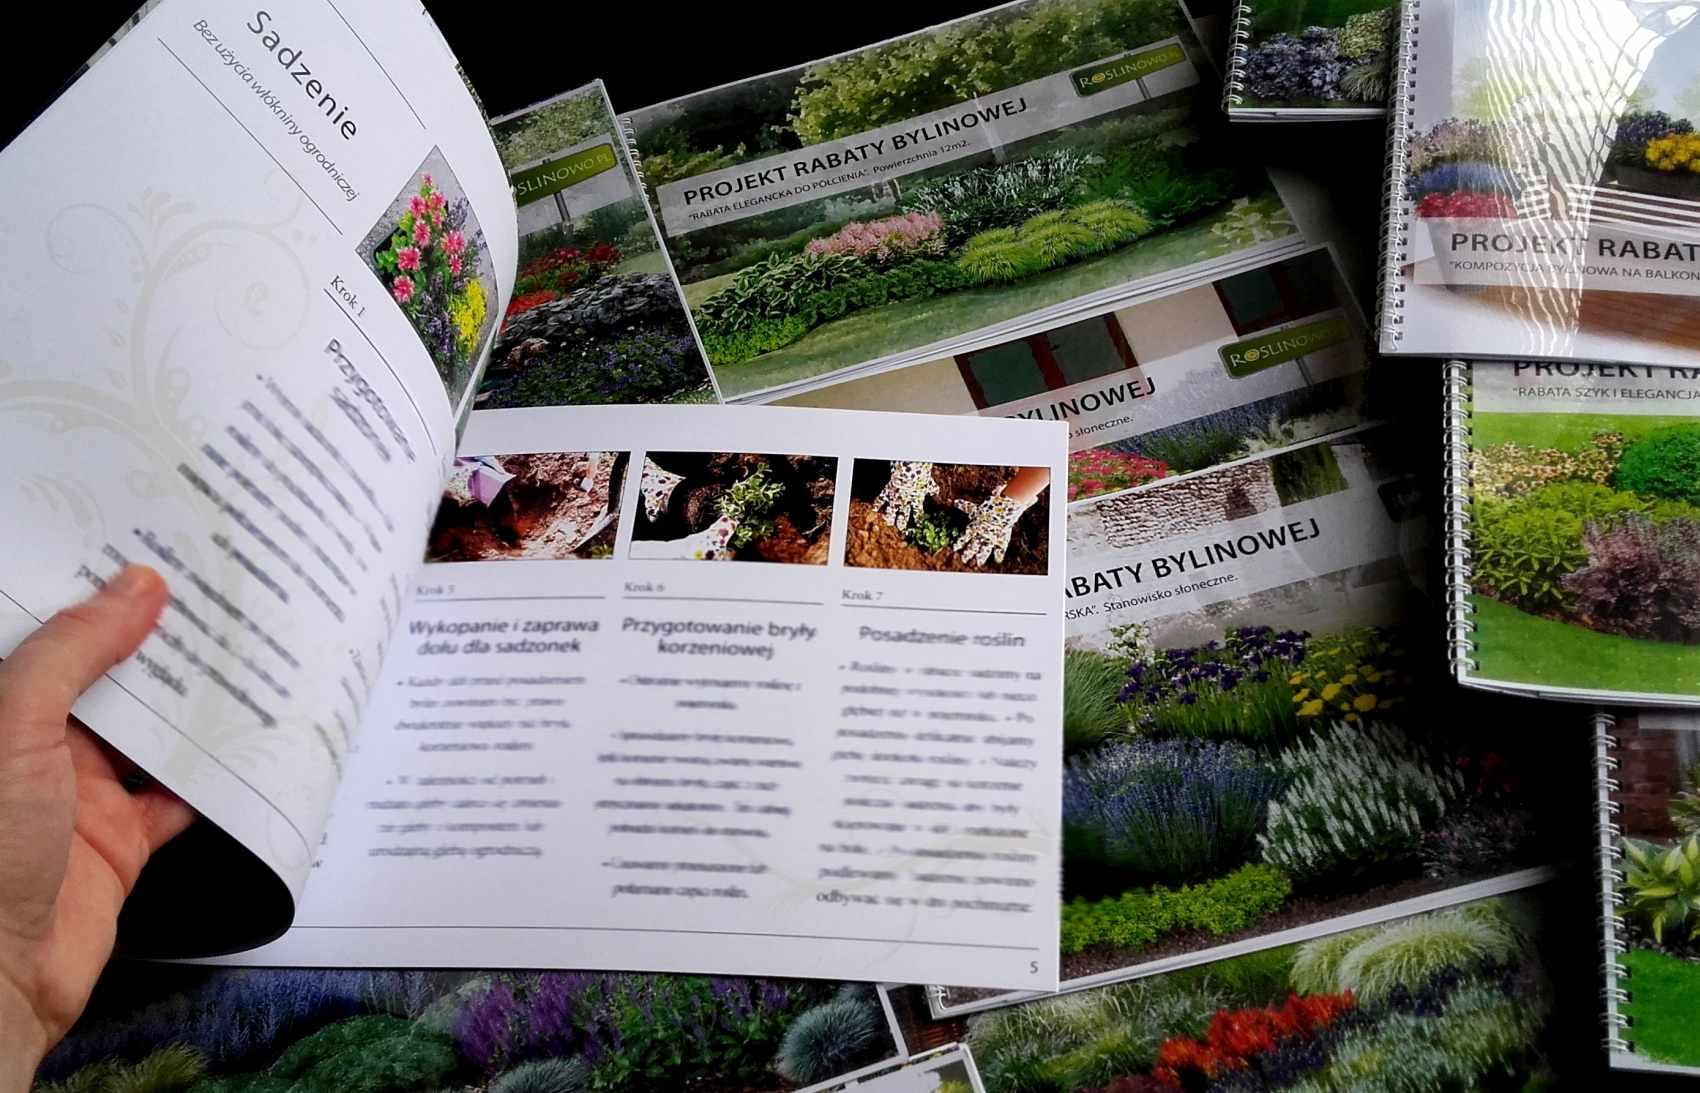 instrukcja - jak sadzić rośliny na rabacie bylinowej